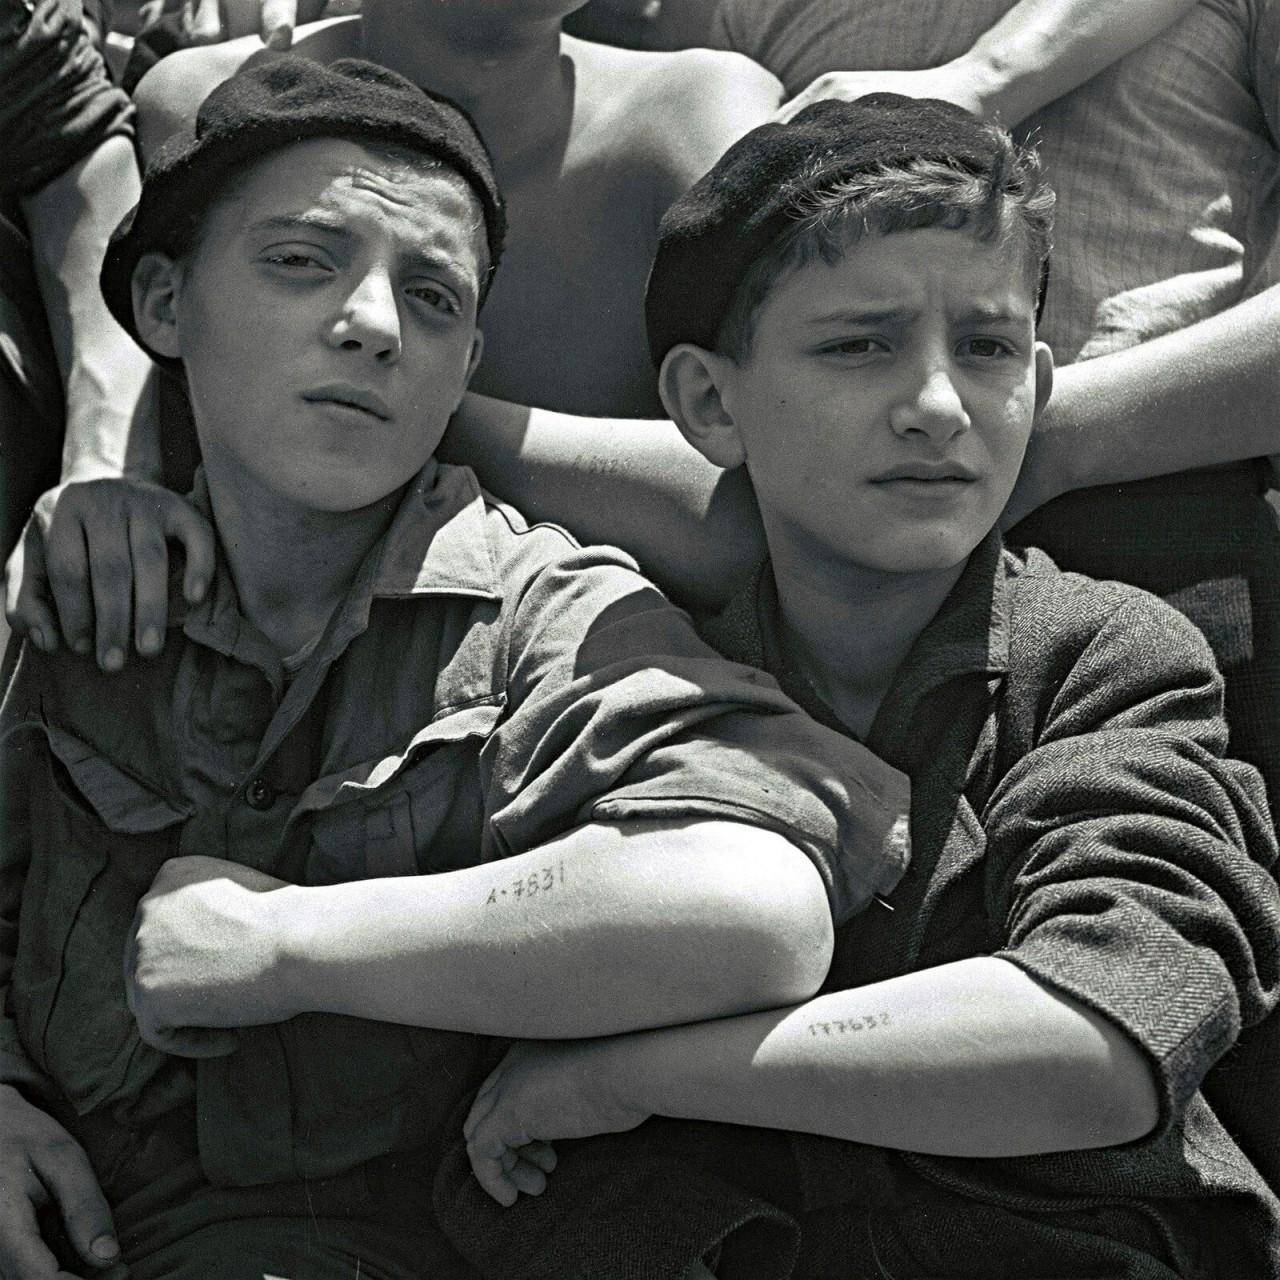 Еврейские мальчишки, освобожденные из Аушвица, показывают свои лагерные татуировки на борту корабля для беженцев, 15 июля 1945 года аушвиц, вторая мировая война, день памяти, конц.лагерь, концентрационный лагерь, освенцим, узники, холокост